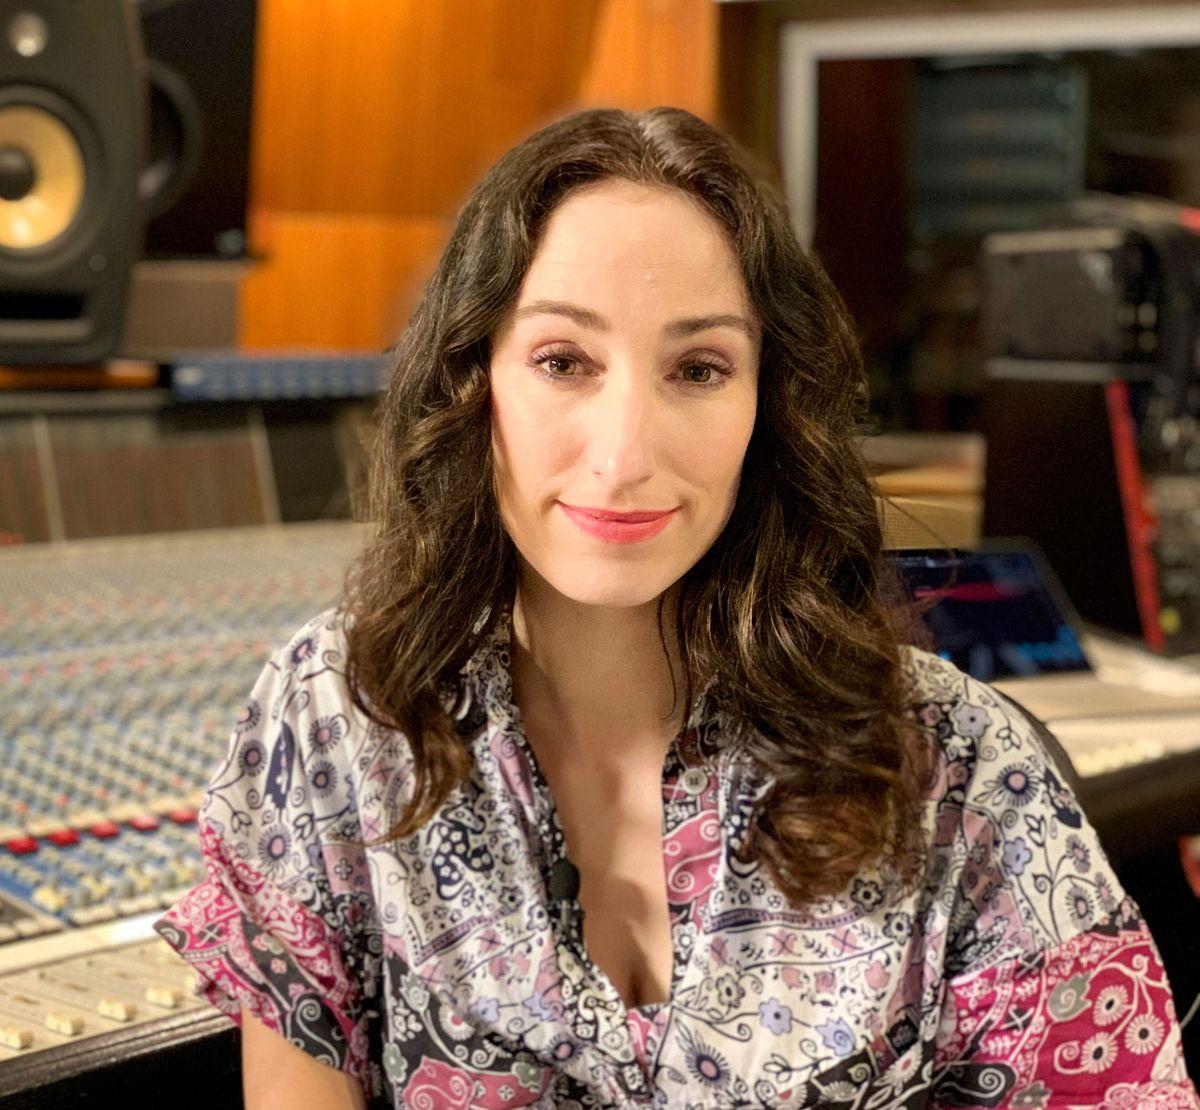 Vivian Perkovic zeigt bunte Musikvideos